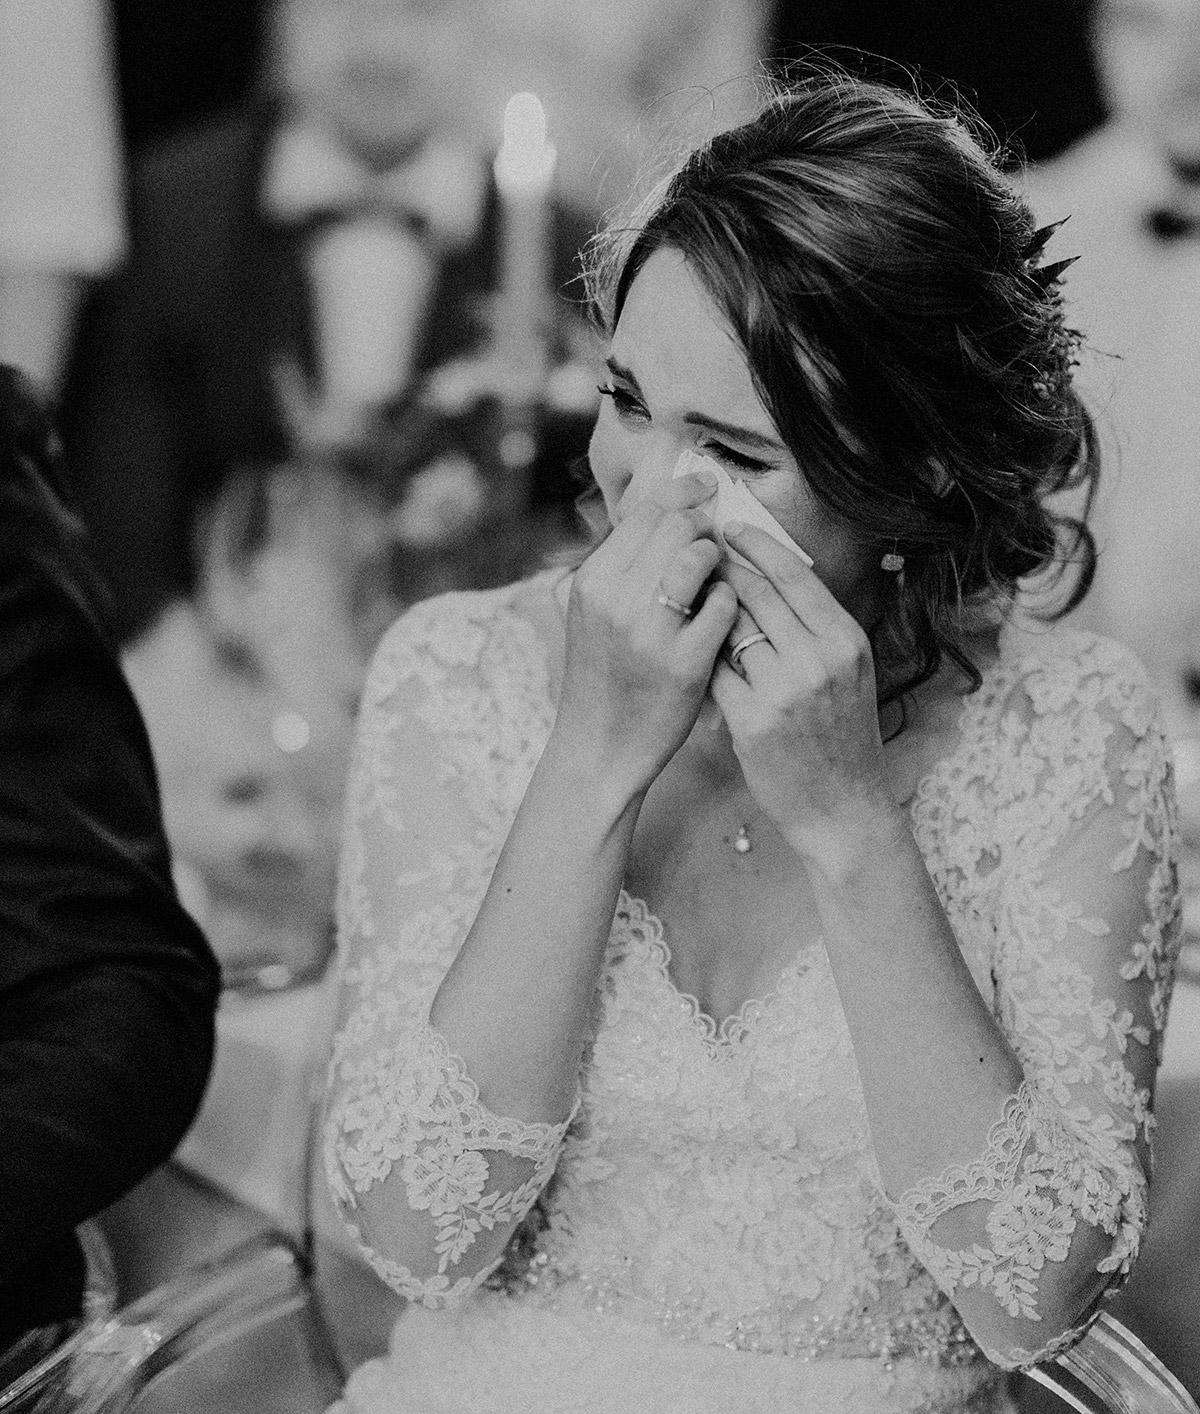 emotionale Hochzeitsfotografie aufgenommen von internationaler Hochzeitsfotografin - Gut Schloss Golm Potsdam Hochzeitsfotograf © www.hochzeitslicht.de